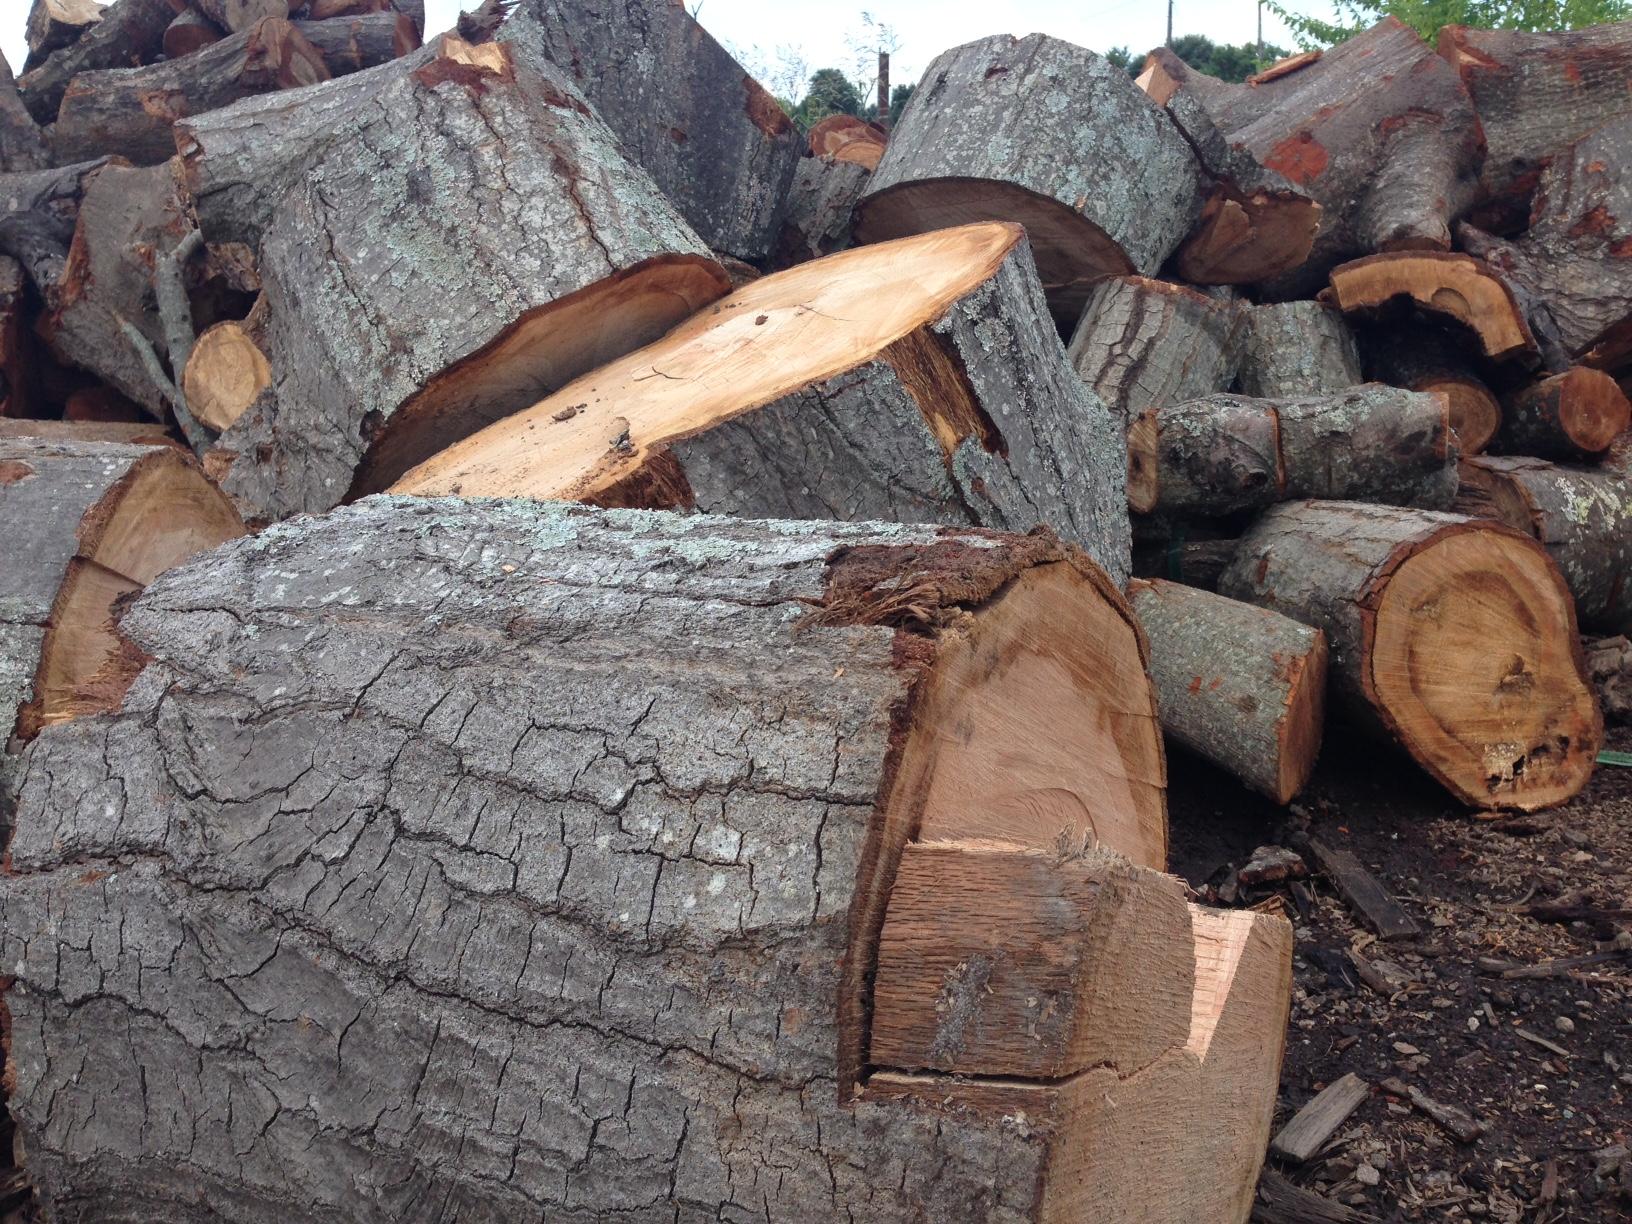 Humpy's Firewood